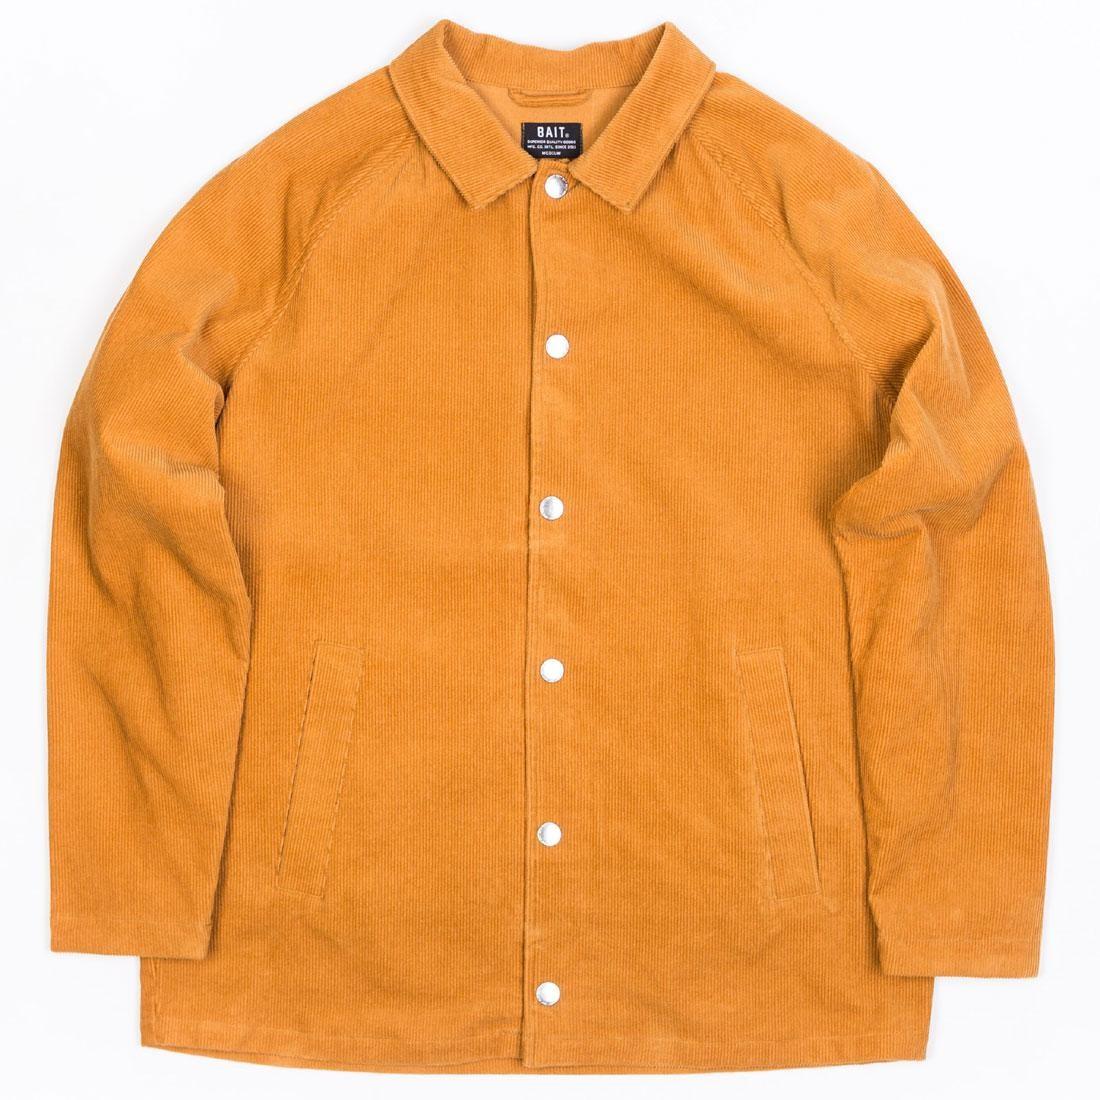 BAIT Unisex Corduroy Coaches Jacket (brown / camel)